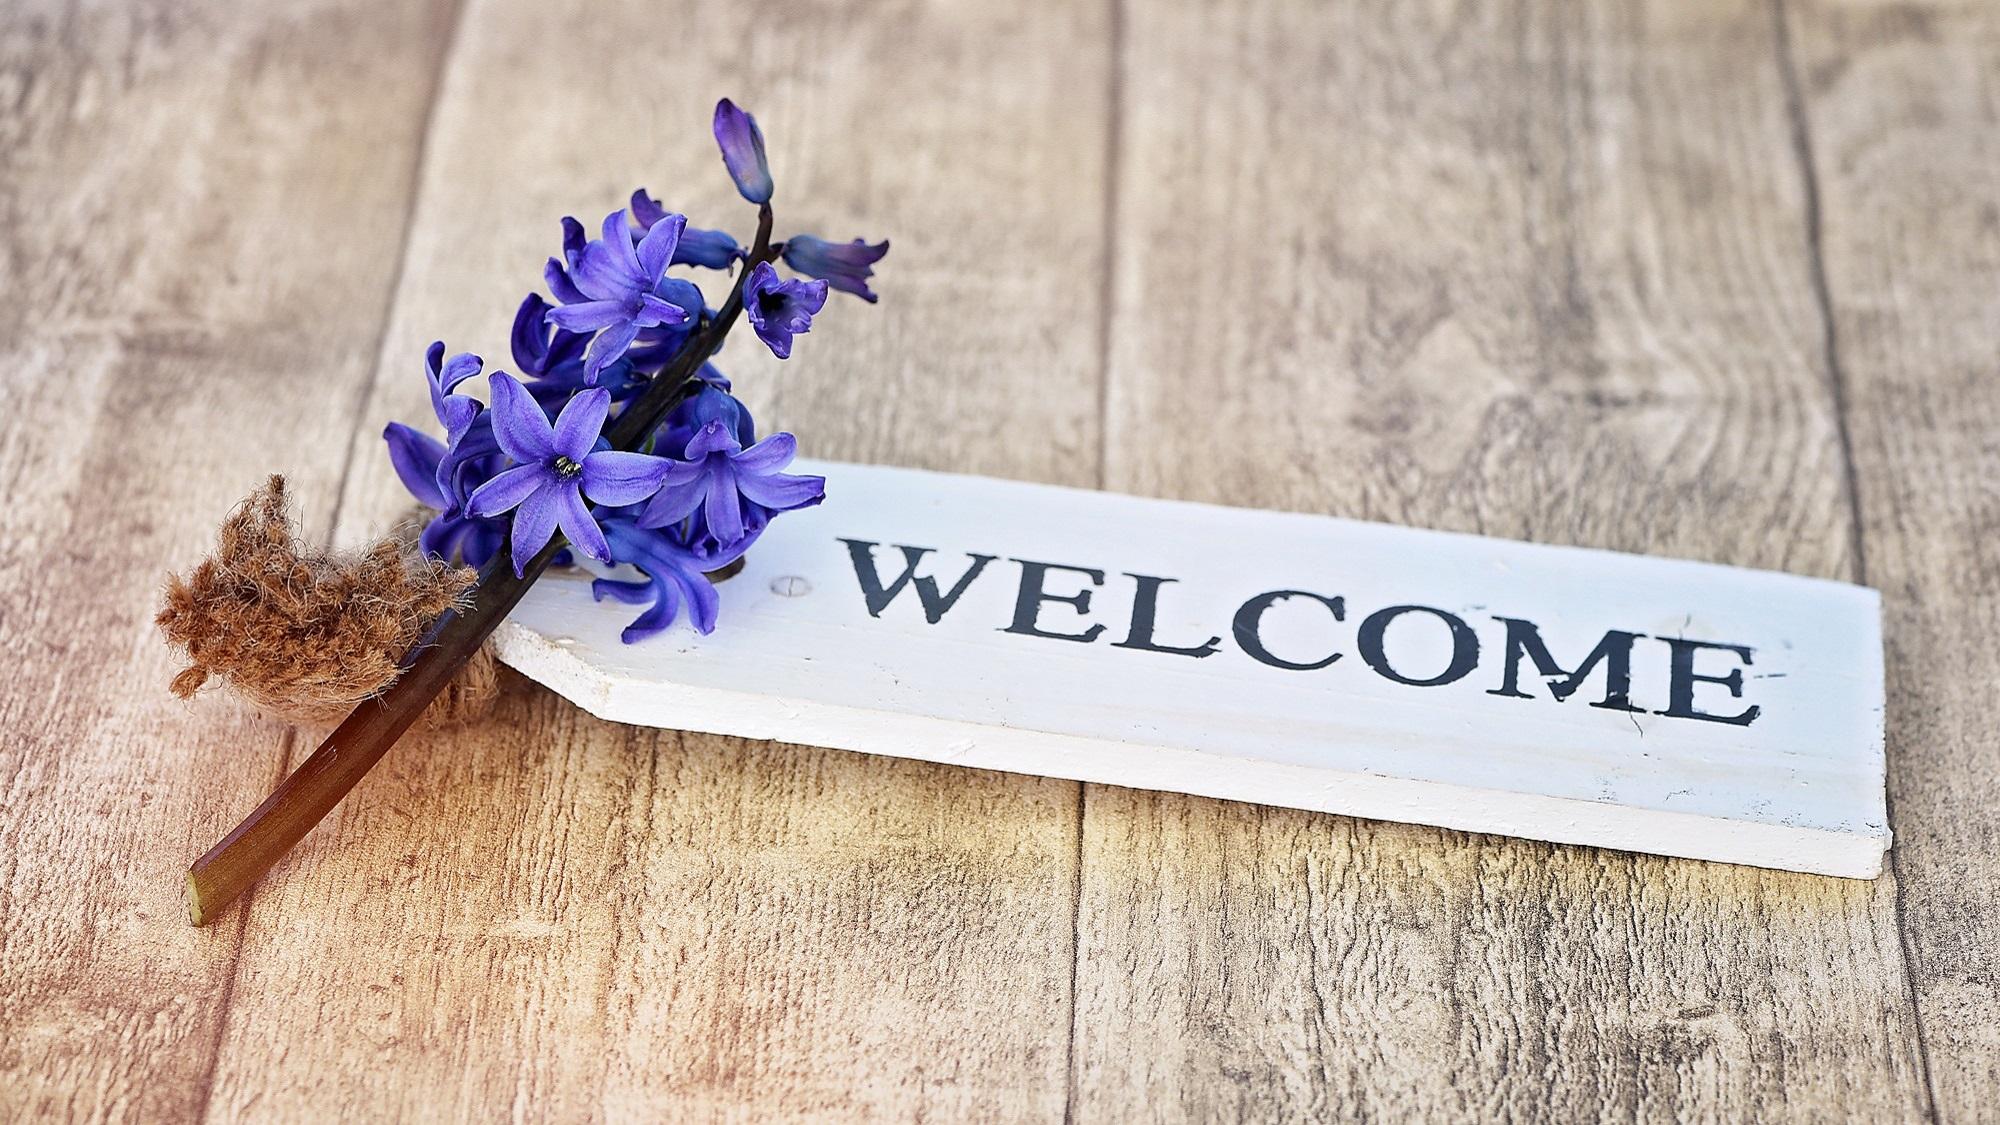 """""""Welcome"""" Schild liegt auf holzboden mit Blauer Blume daneben"""